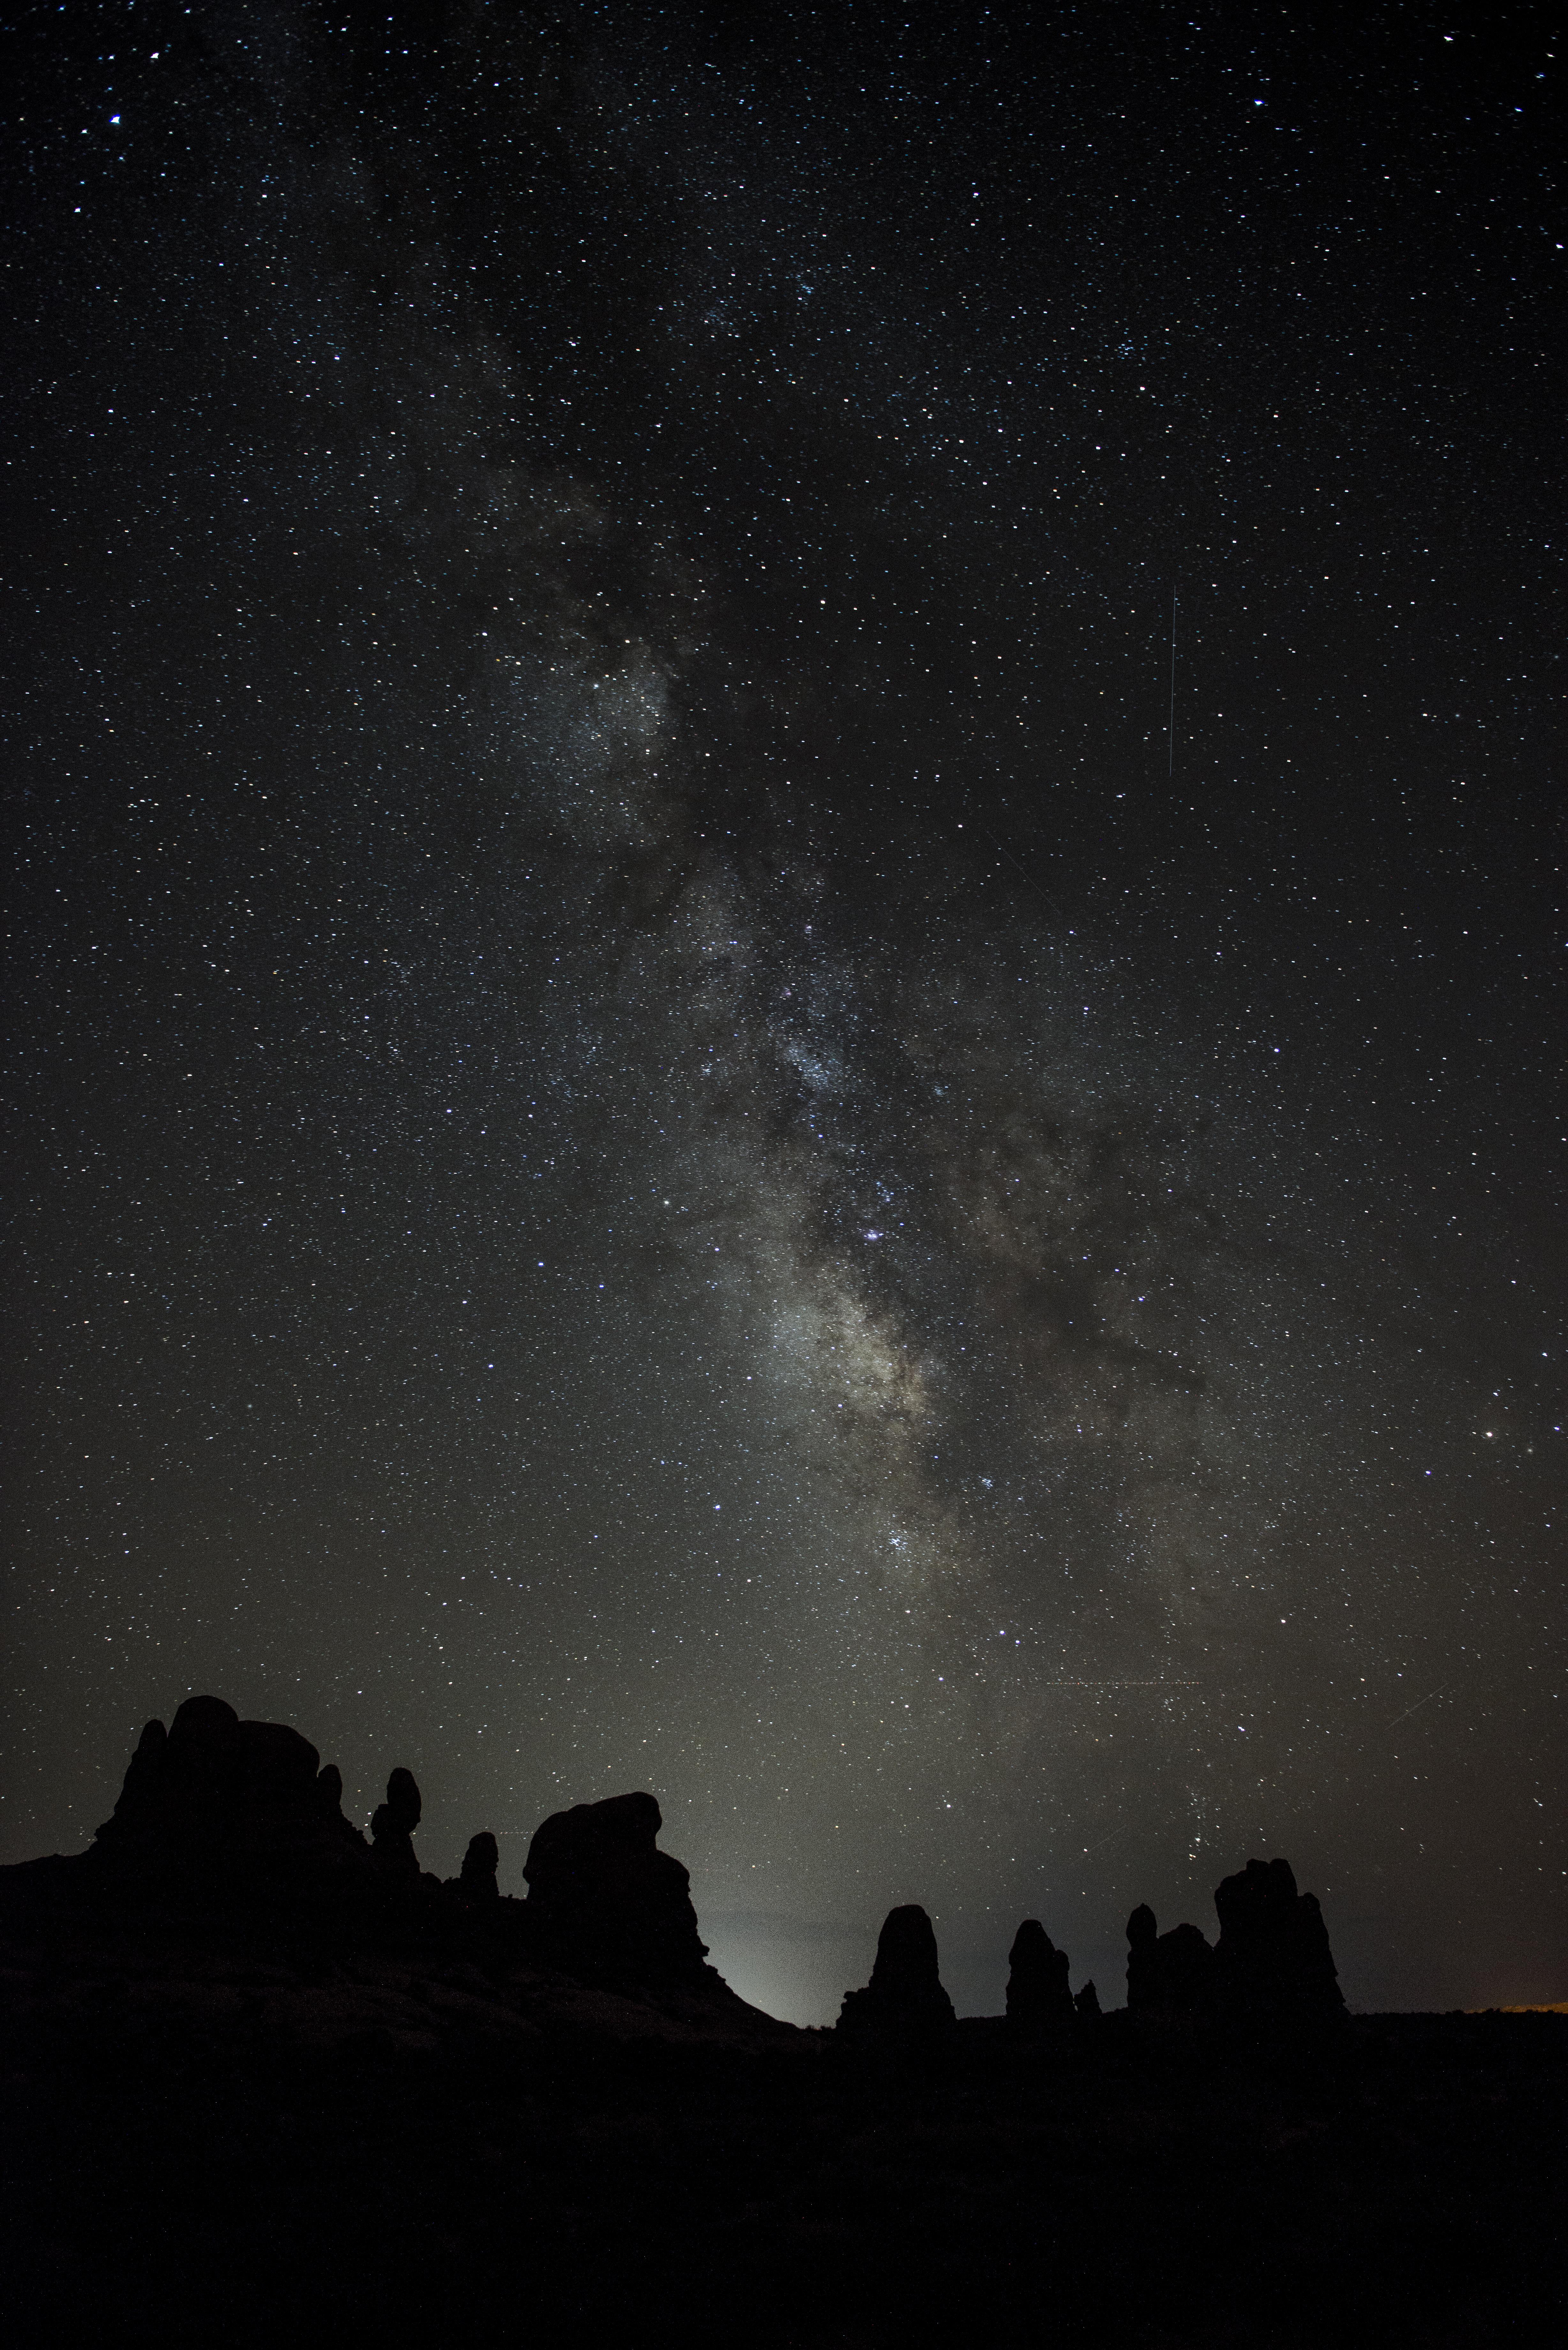 149637壁紙のダウンロード星空, 天の川, 山脈, スター, 宇宙-スクリーンセーバーと写真を無料で